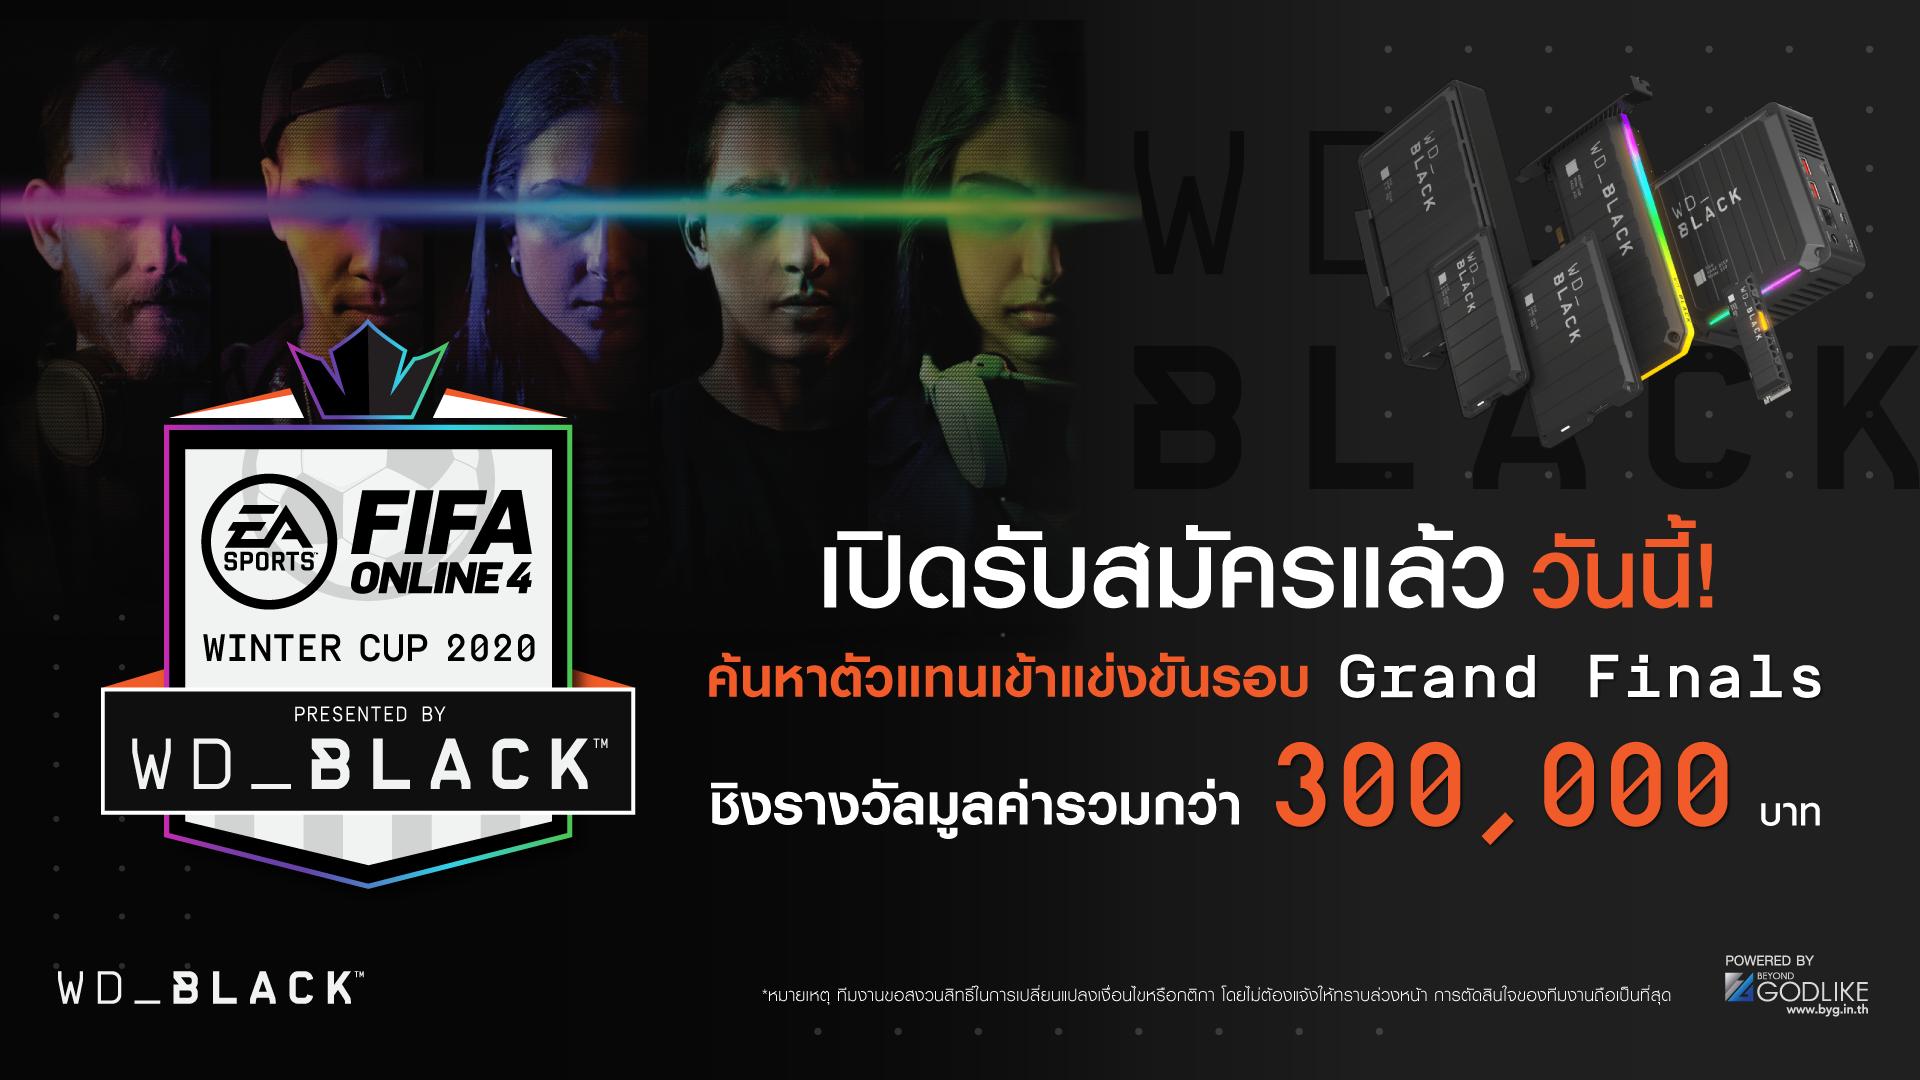 รายการแข่งขันเกมฟุตบอลสุดยิ่งใหญ่กับ FIFA Online 4 Thailand Winter Cup 2020 presented by WD_BLACK เพื่อค้นหาจ้าวแห่งลูกหนังตัวจริง ชิงรางวัลมูลค่ารวมกว่า 300,000 บาท